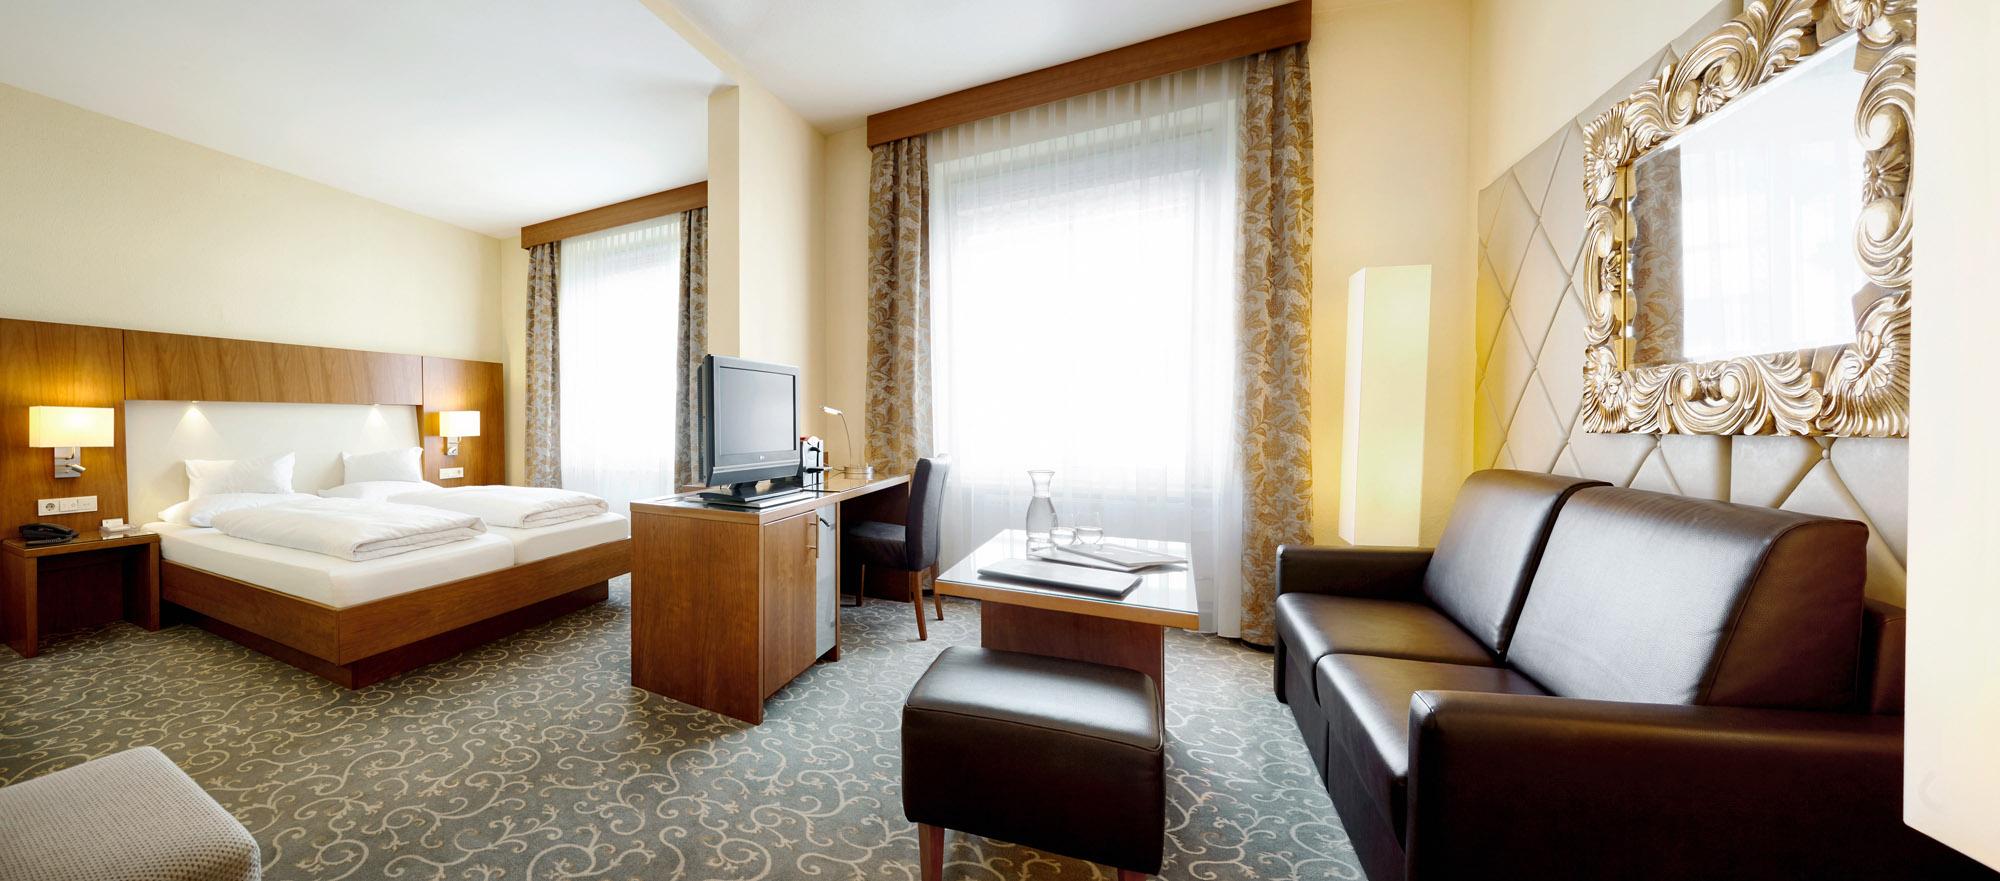 Doppelzimmer Deluxe für 2 Personen ab € 151,50 pro Nacht inklusive Frühstück & Ortstaxe